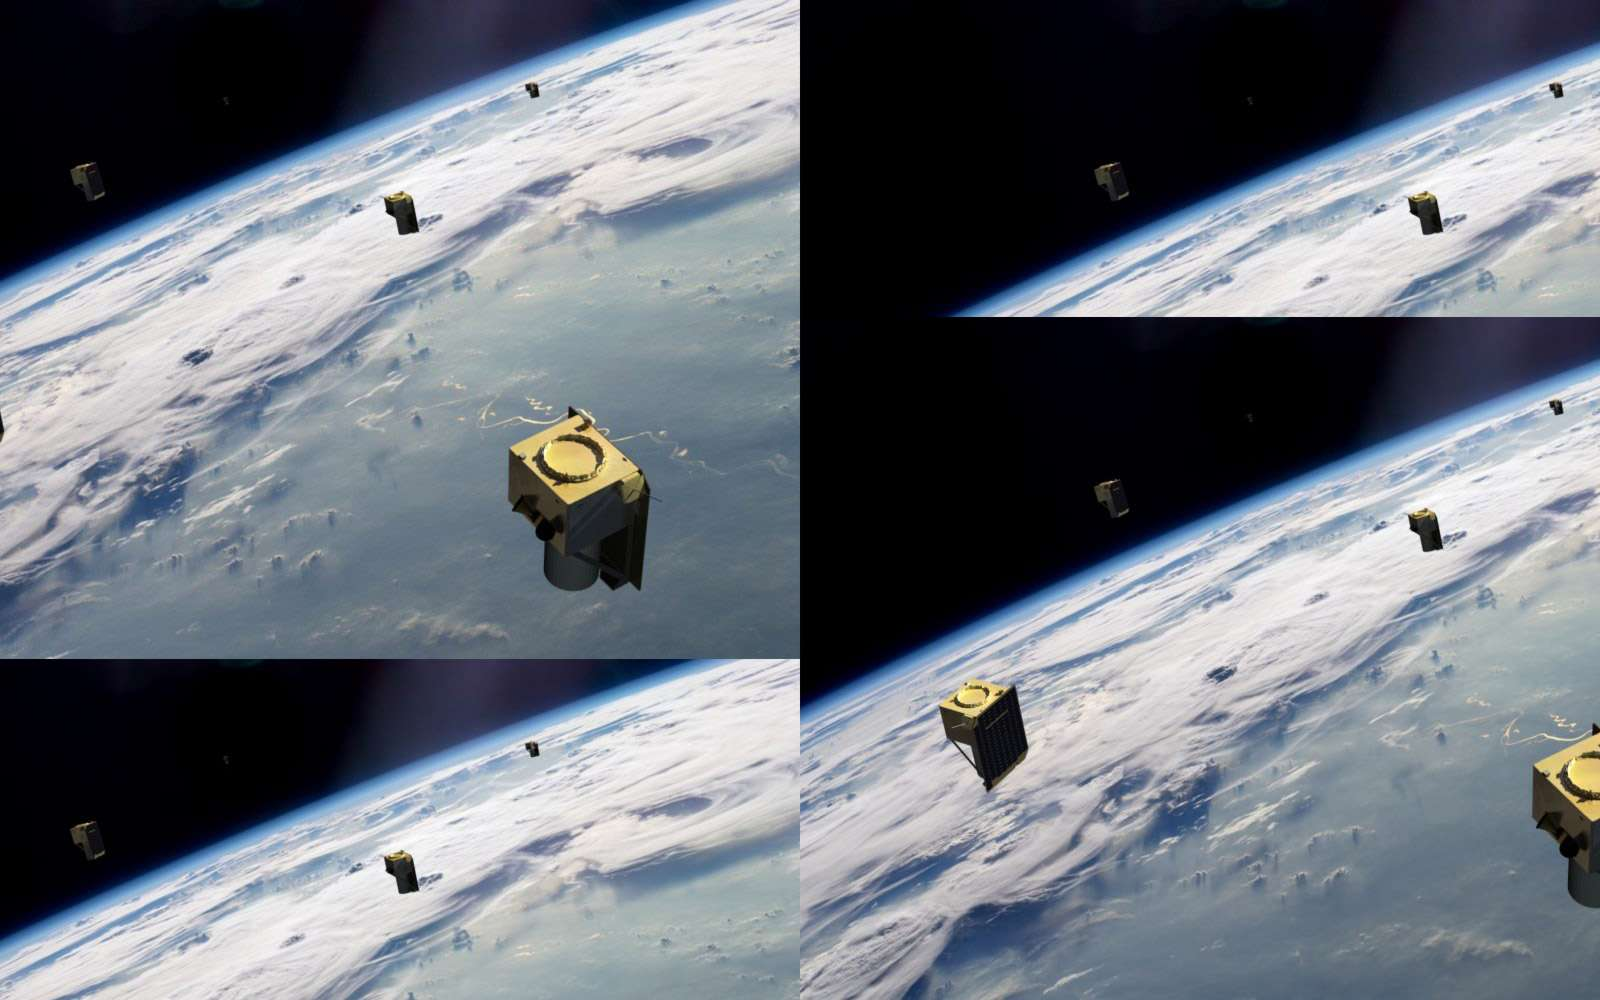 La constellation BlackSky de 60 satellites à très haute revisite temporelle permettra d'ouvrir de nouveaux marchés. © BlackSky